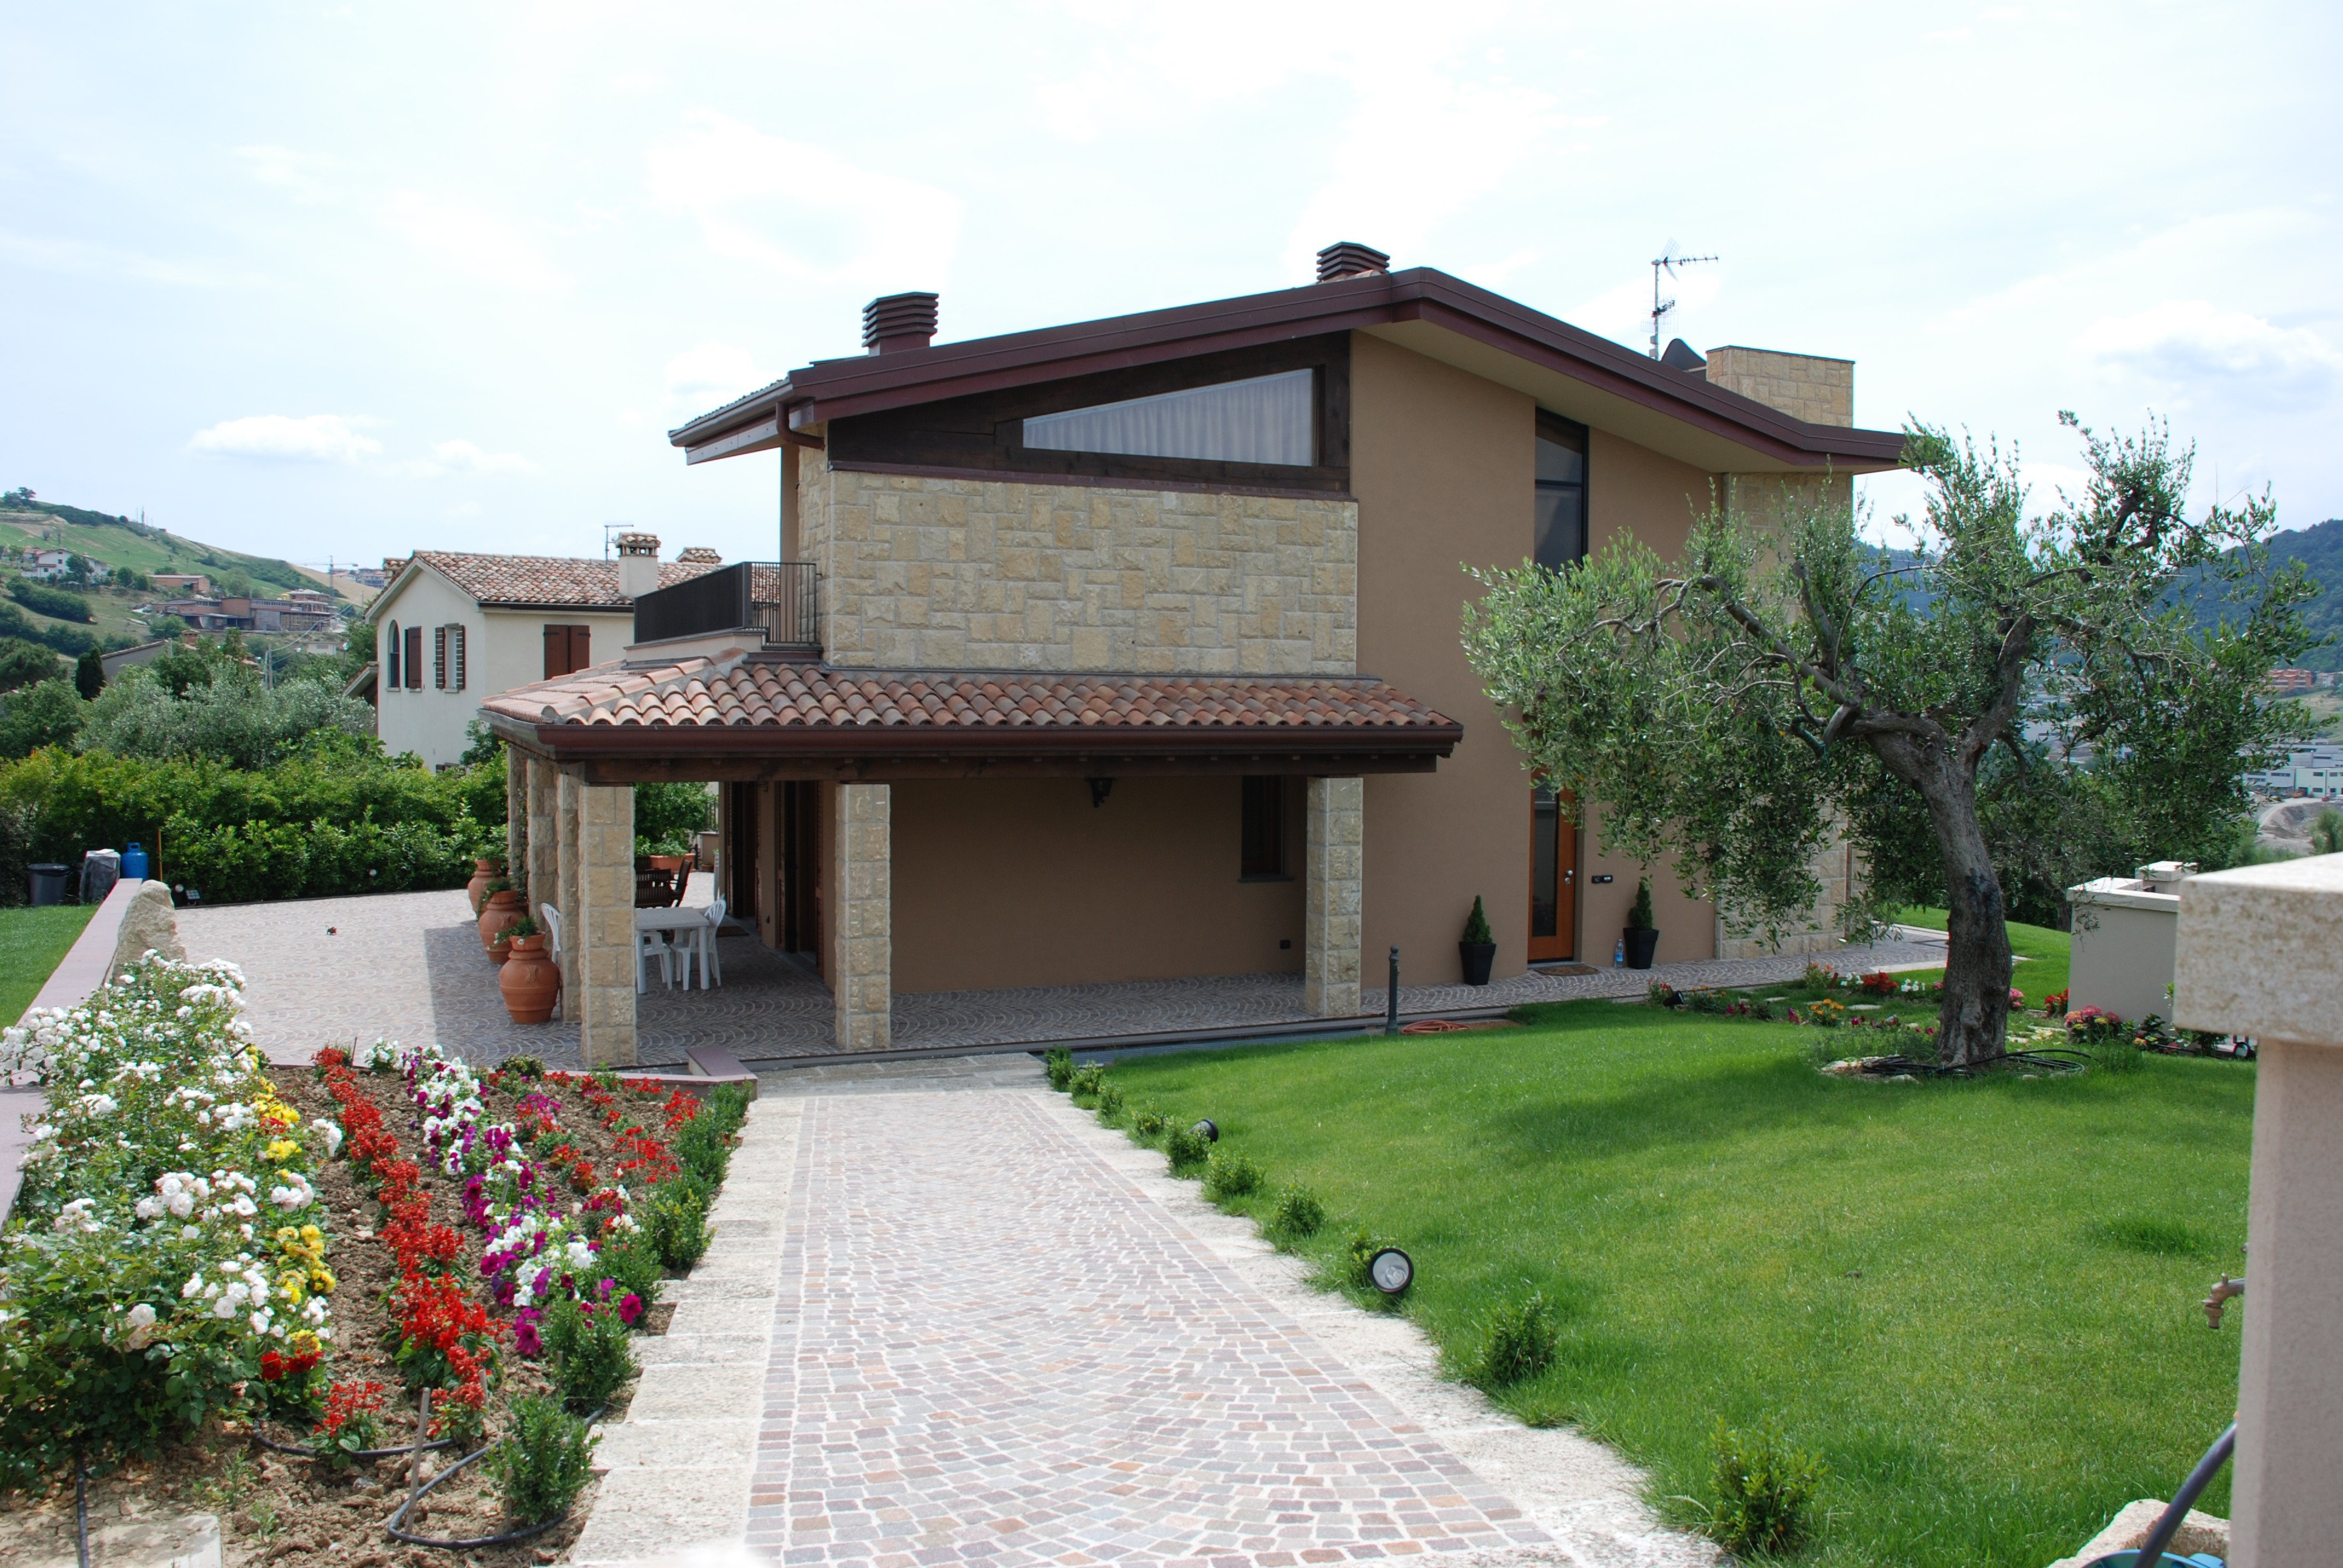 Villa in pietra con giardinetto e viottolo